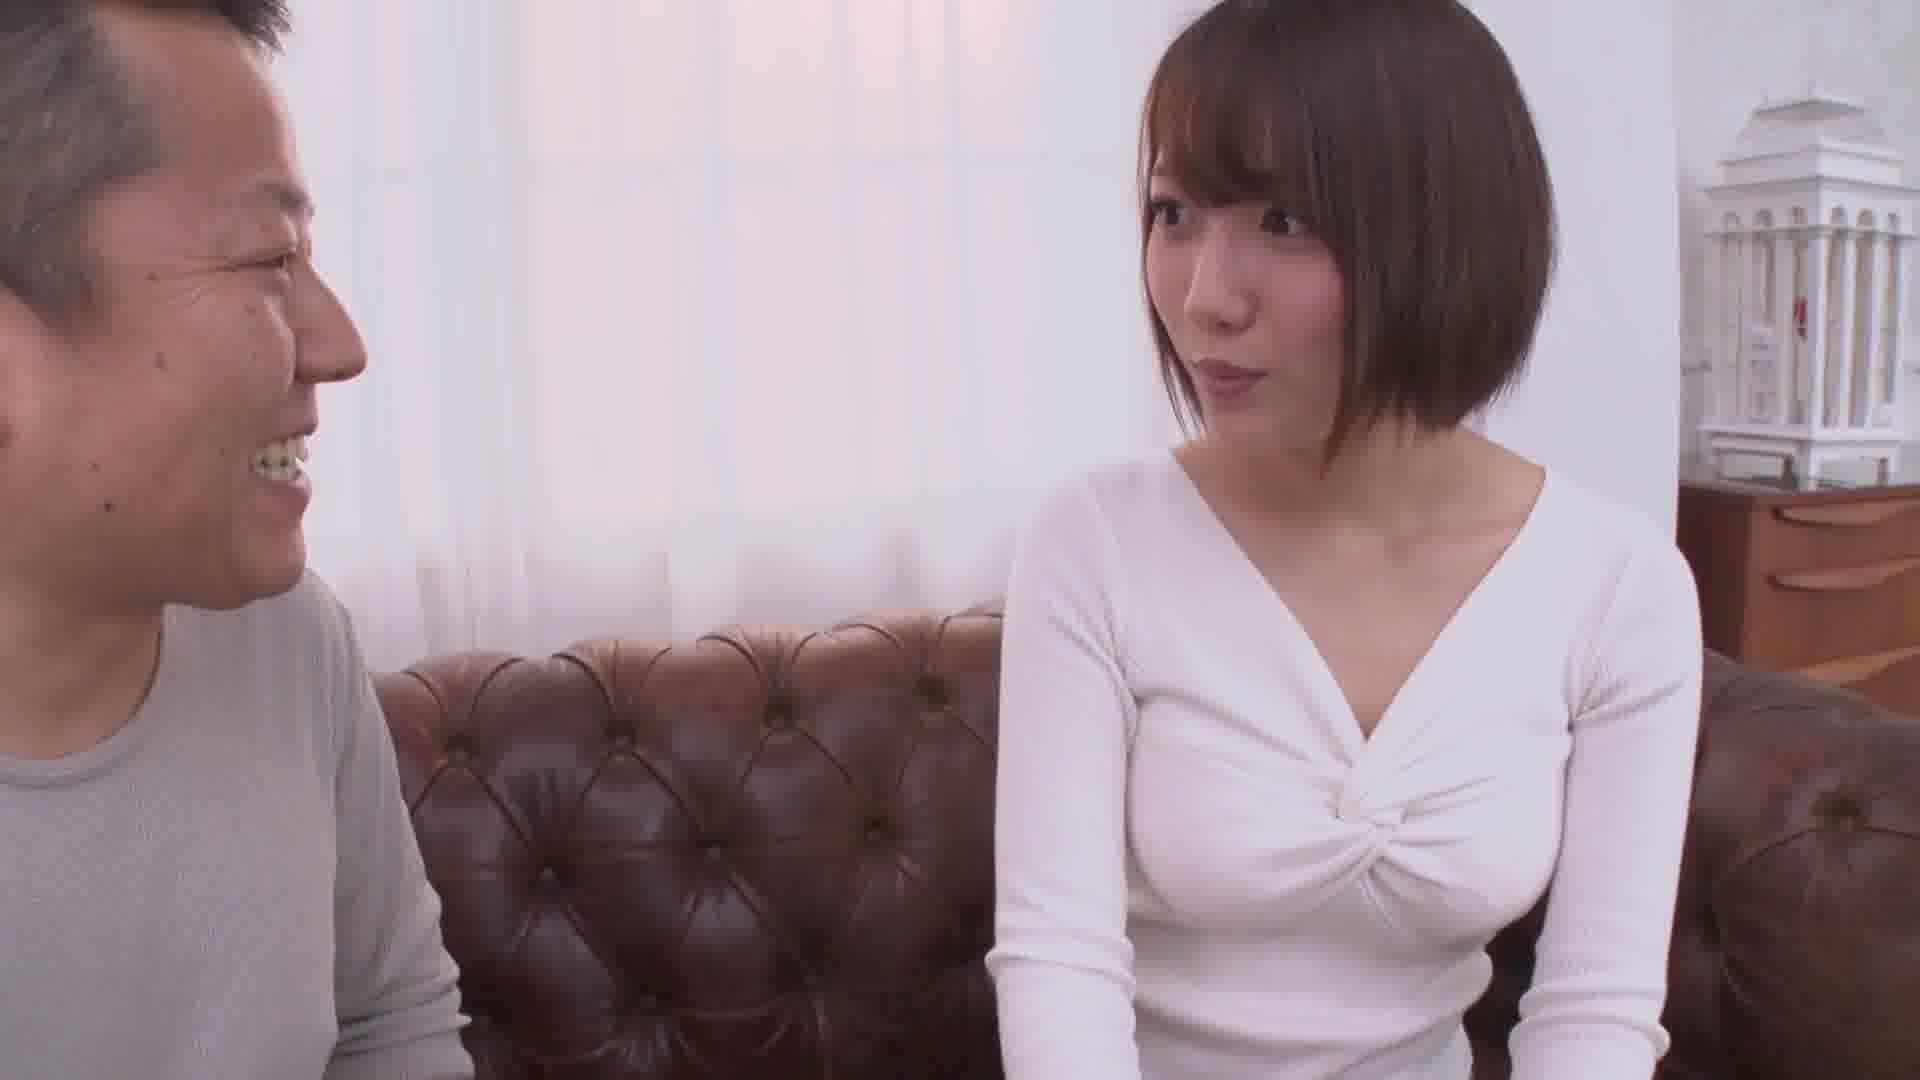 絶対に妊娠したくない清楚系女子VS中出ししかしないおじさん - 菊川みつ葉【パイパン・パイズリ・中出し】